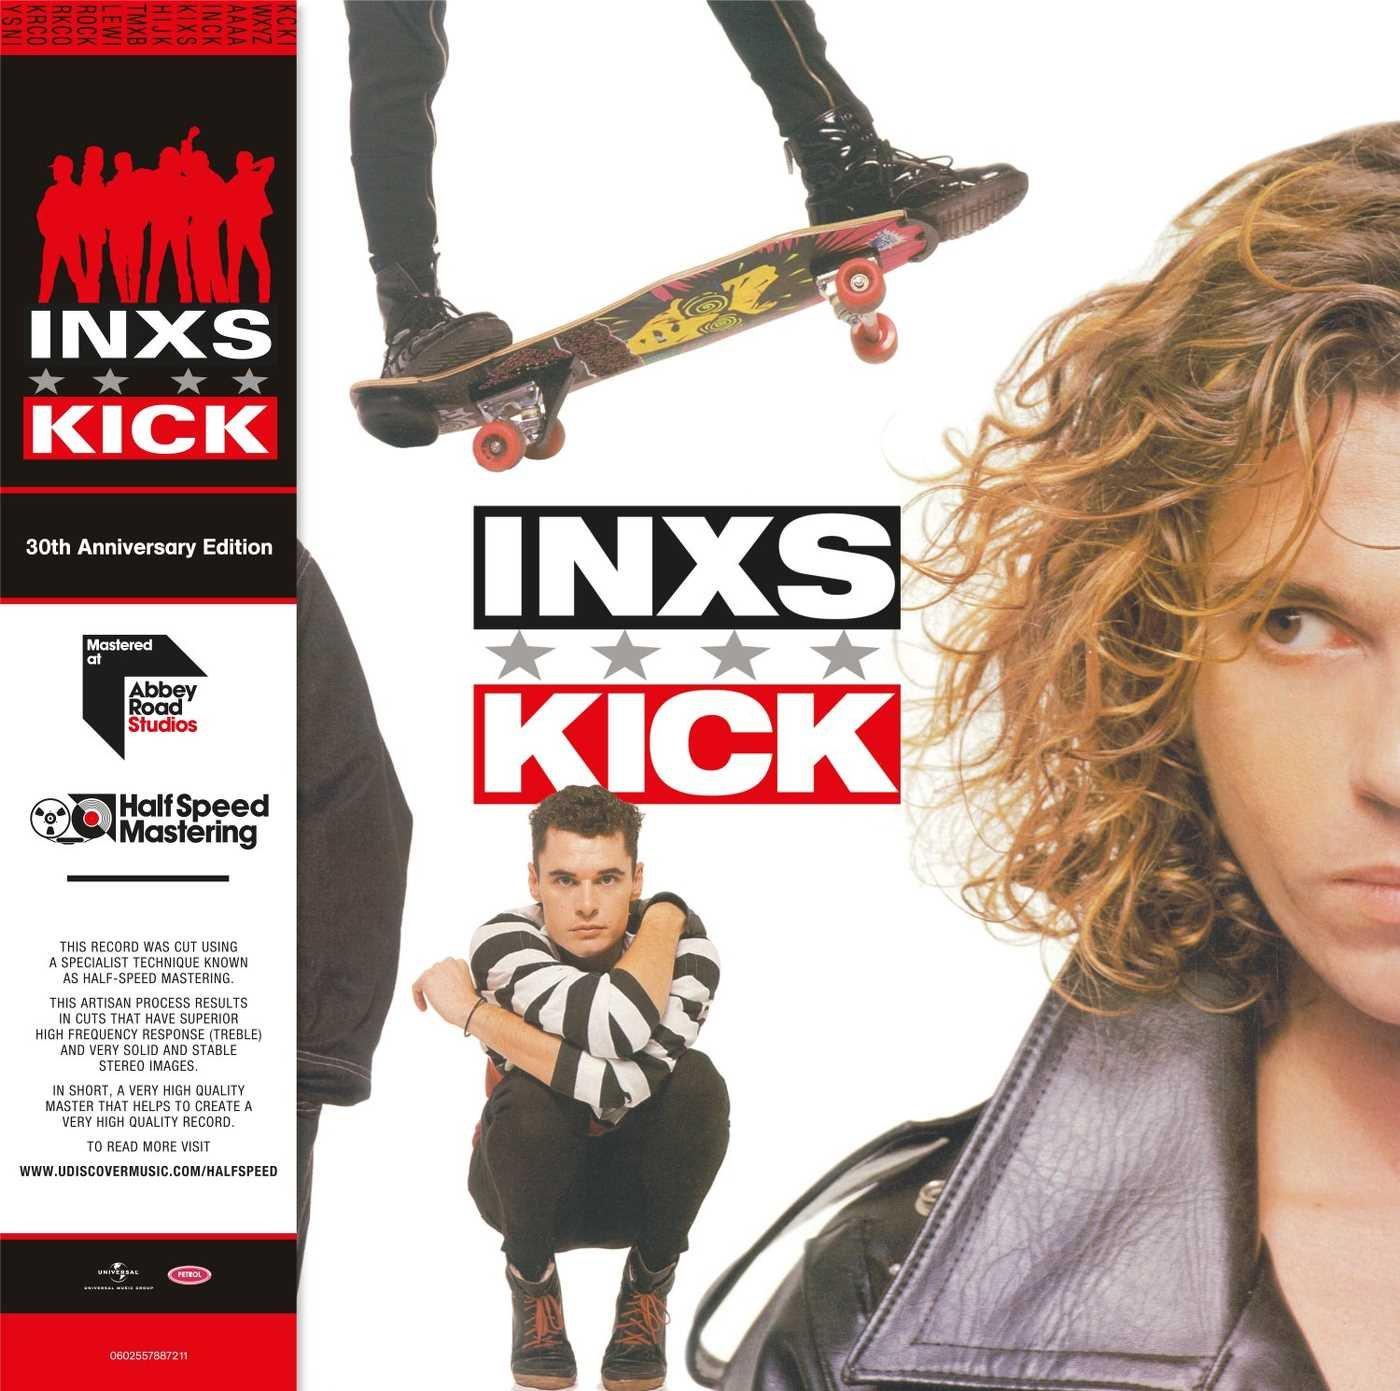 INXS - Kick [180g VINYL] - delivered @ Amazon - Prime £12.86 / Non-Prime £15.85